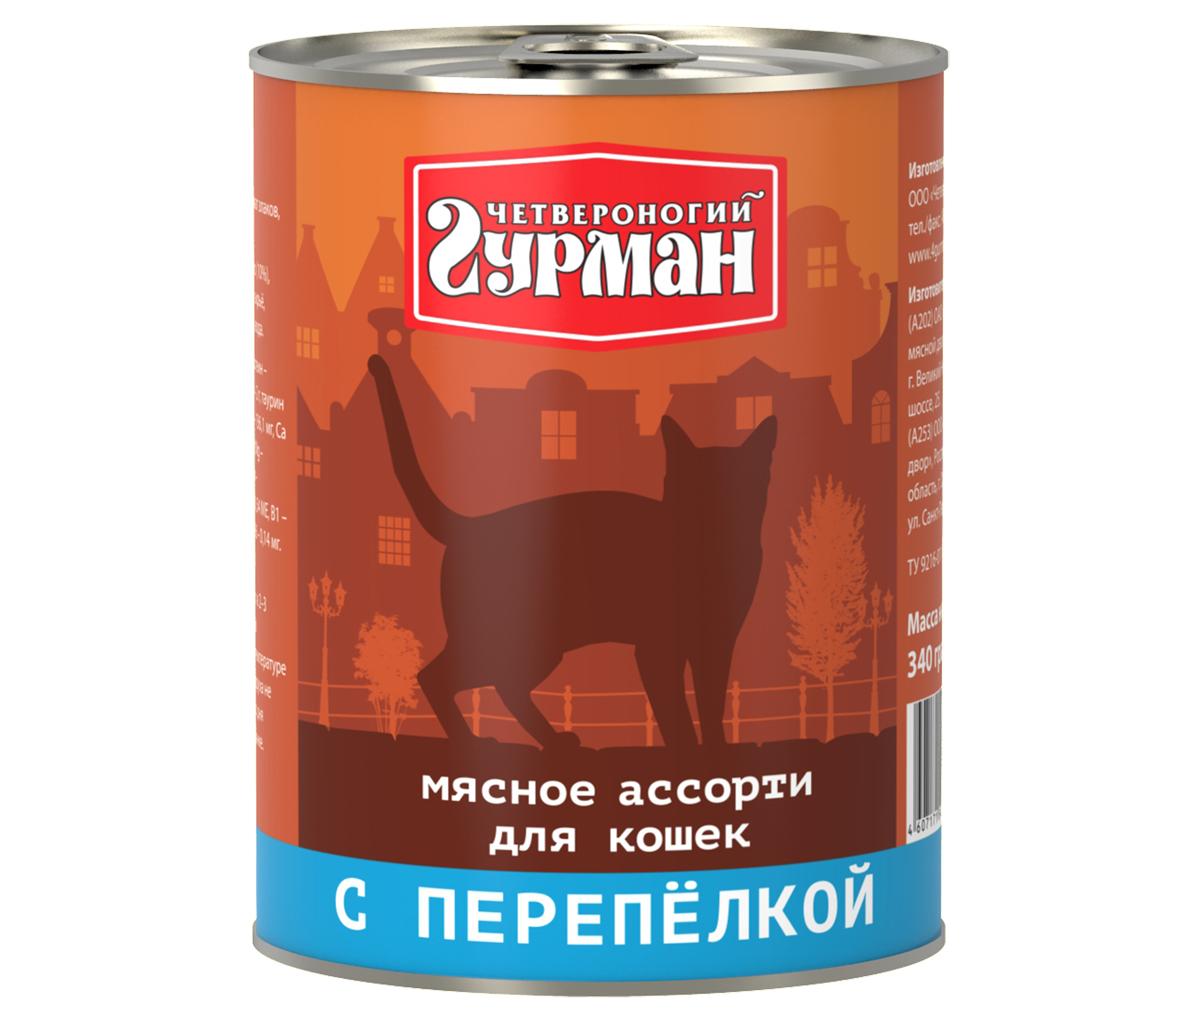 Консервы для кошек Четвероногий гурман Мясное ассорти, с перепелкой, 340 г103209010Мясное ассорти - качественный мясной корм суперпремиум класса, состоящий из разных сортов мяса и качественных субпродуктов. Ведущая линейка торговой марки Четвероногий гурман. По консистенции продукт представляет собой кусочки из фарша размером 3-15 мм. В состав входит коллаген. Его компоненты (хондроитин и глюкозамин) положительно воздействуют на суставы питомца. Корм не содержит злаков и овощей. Состав: куриное мясо (35%), перепелиное мясо (10%), сердце, легкое, печень, коллагенсодержащее сырьё, животный белок, масло растительное, таурин, соль, вода. Вес: 340 г. Товар сертифицирован.